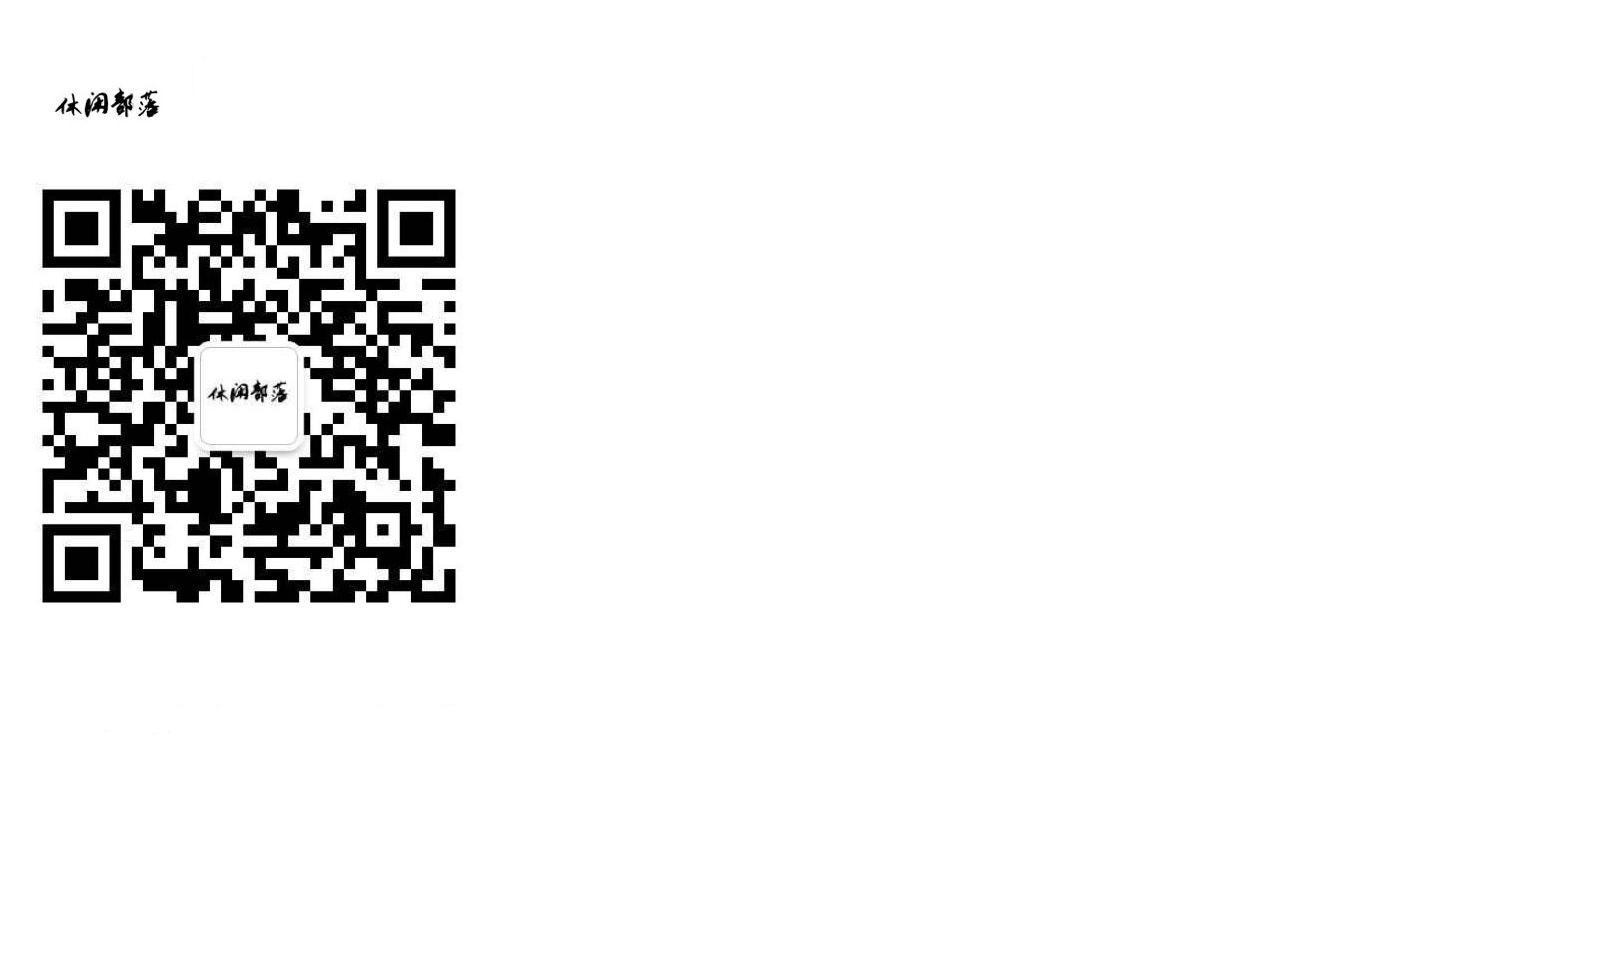 微信二维码中间图片_微信二维码怎么除去中间的图片_百度知道